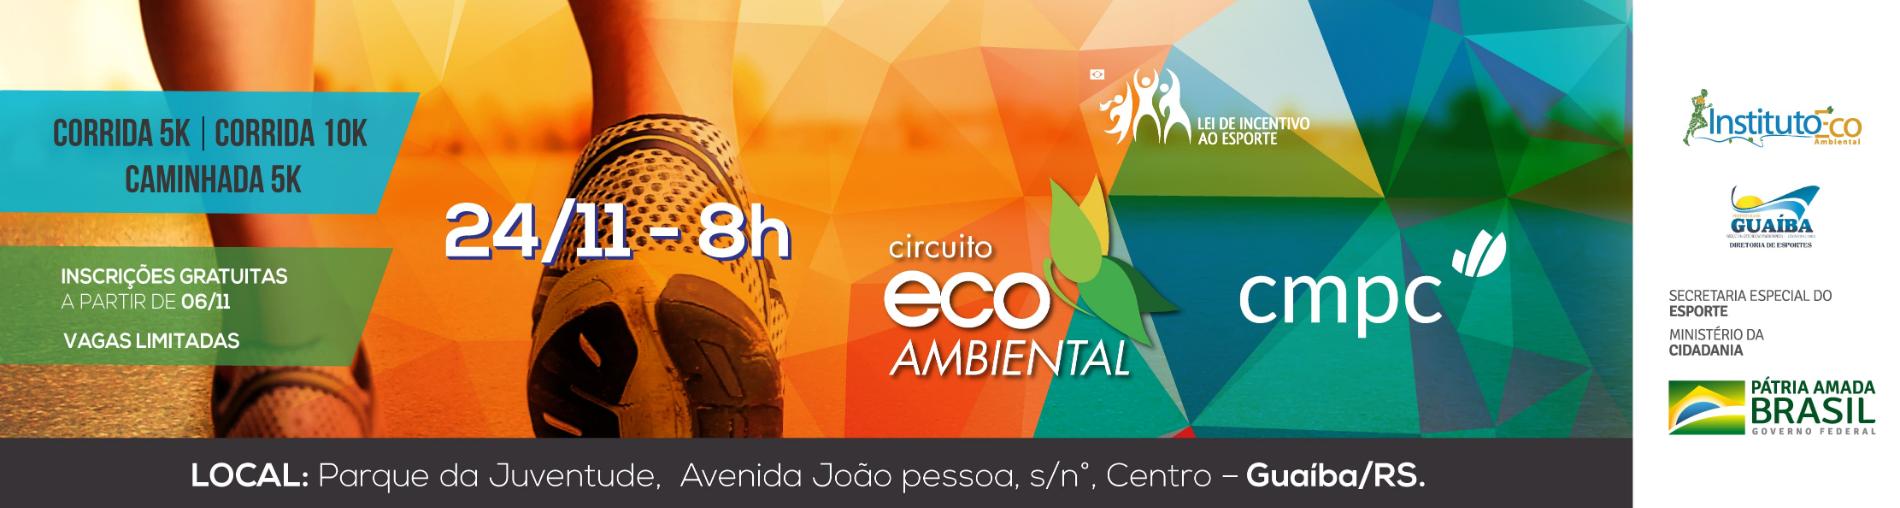 CIRCUITO ECO AMBIENTAL - GUAÍBA